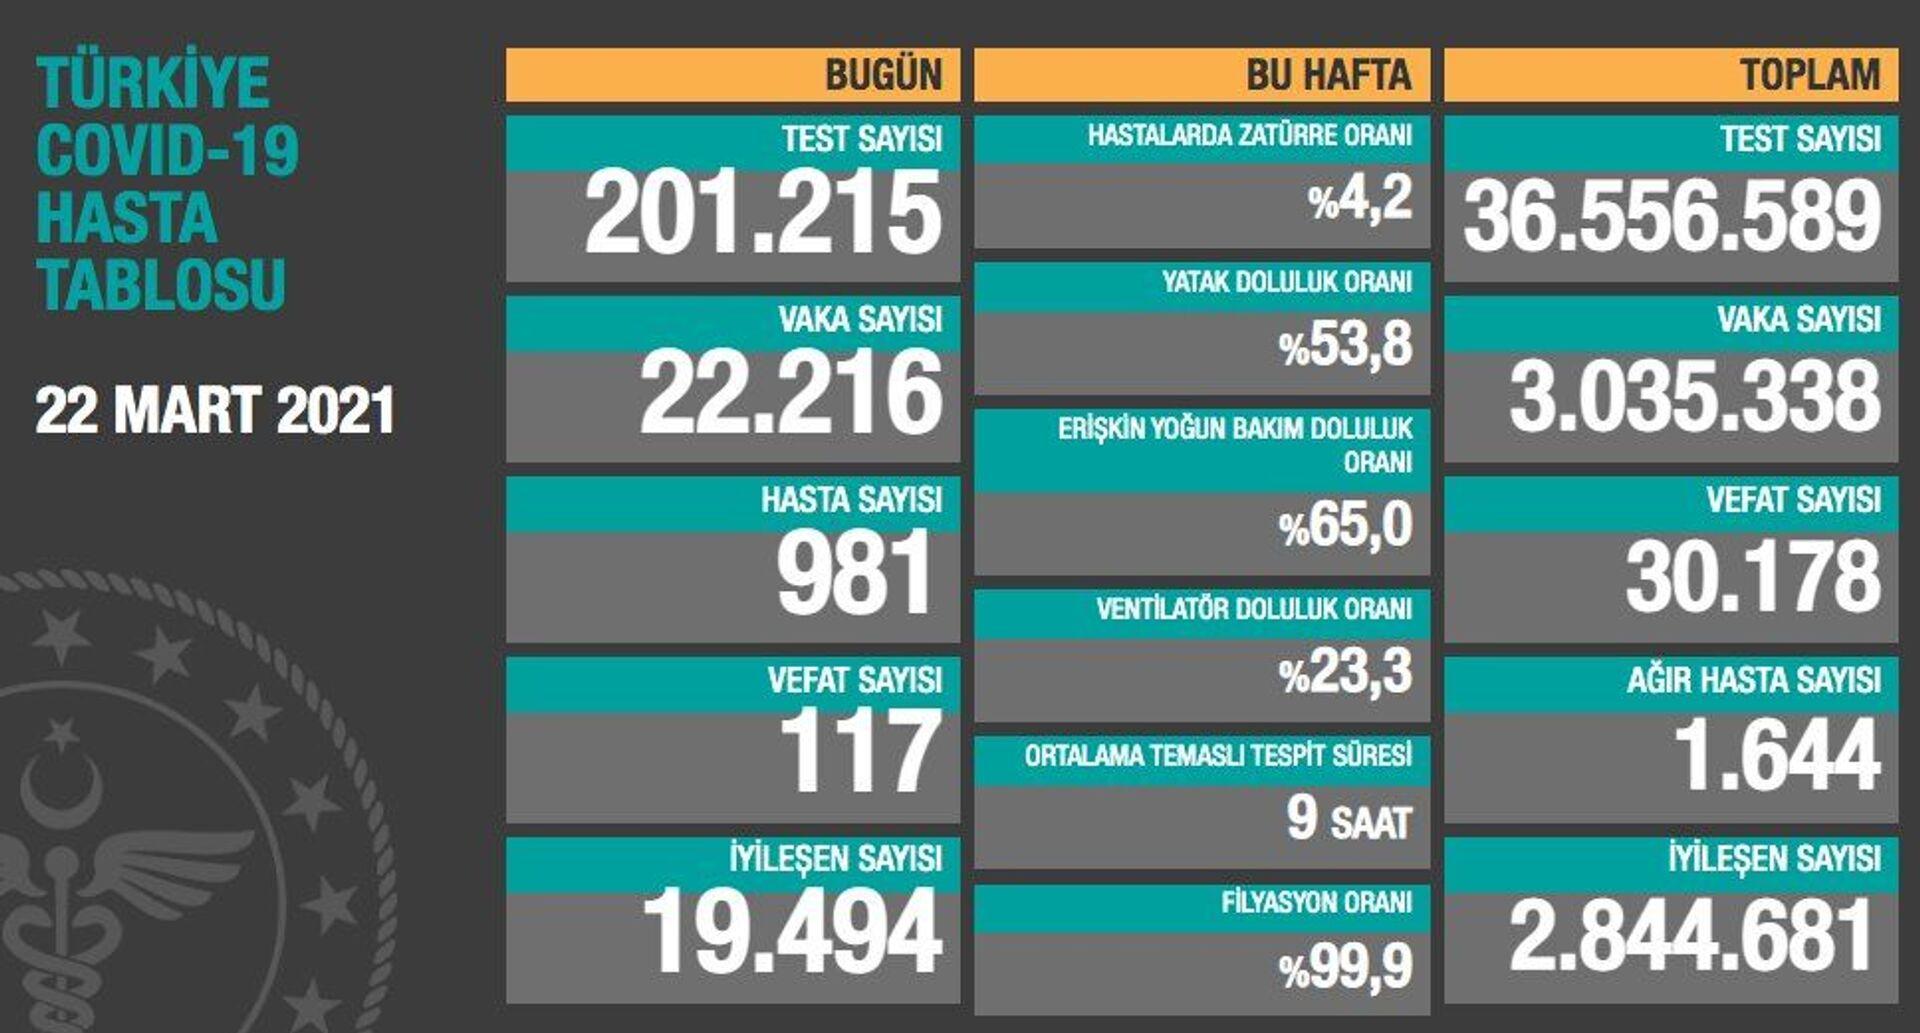 Türkiye'de son 24 saatte koronavirüsten 117 can kaybı, 22 bin 216 yeni vaka - Sputnik Türkiye, 1920, 22.03.2021